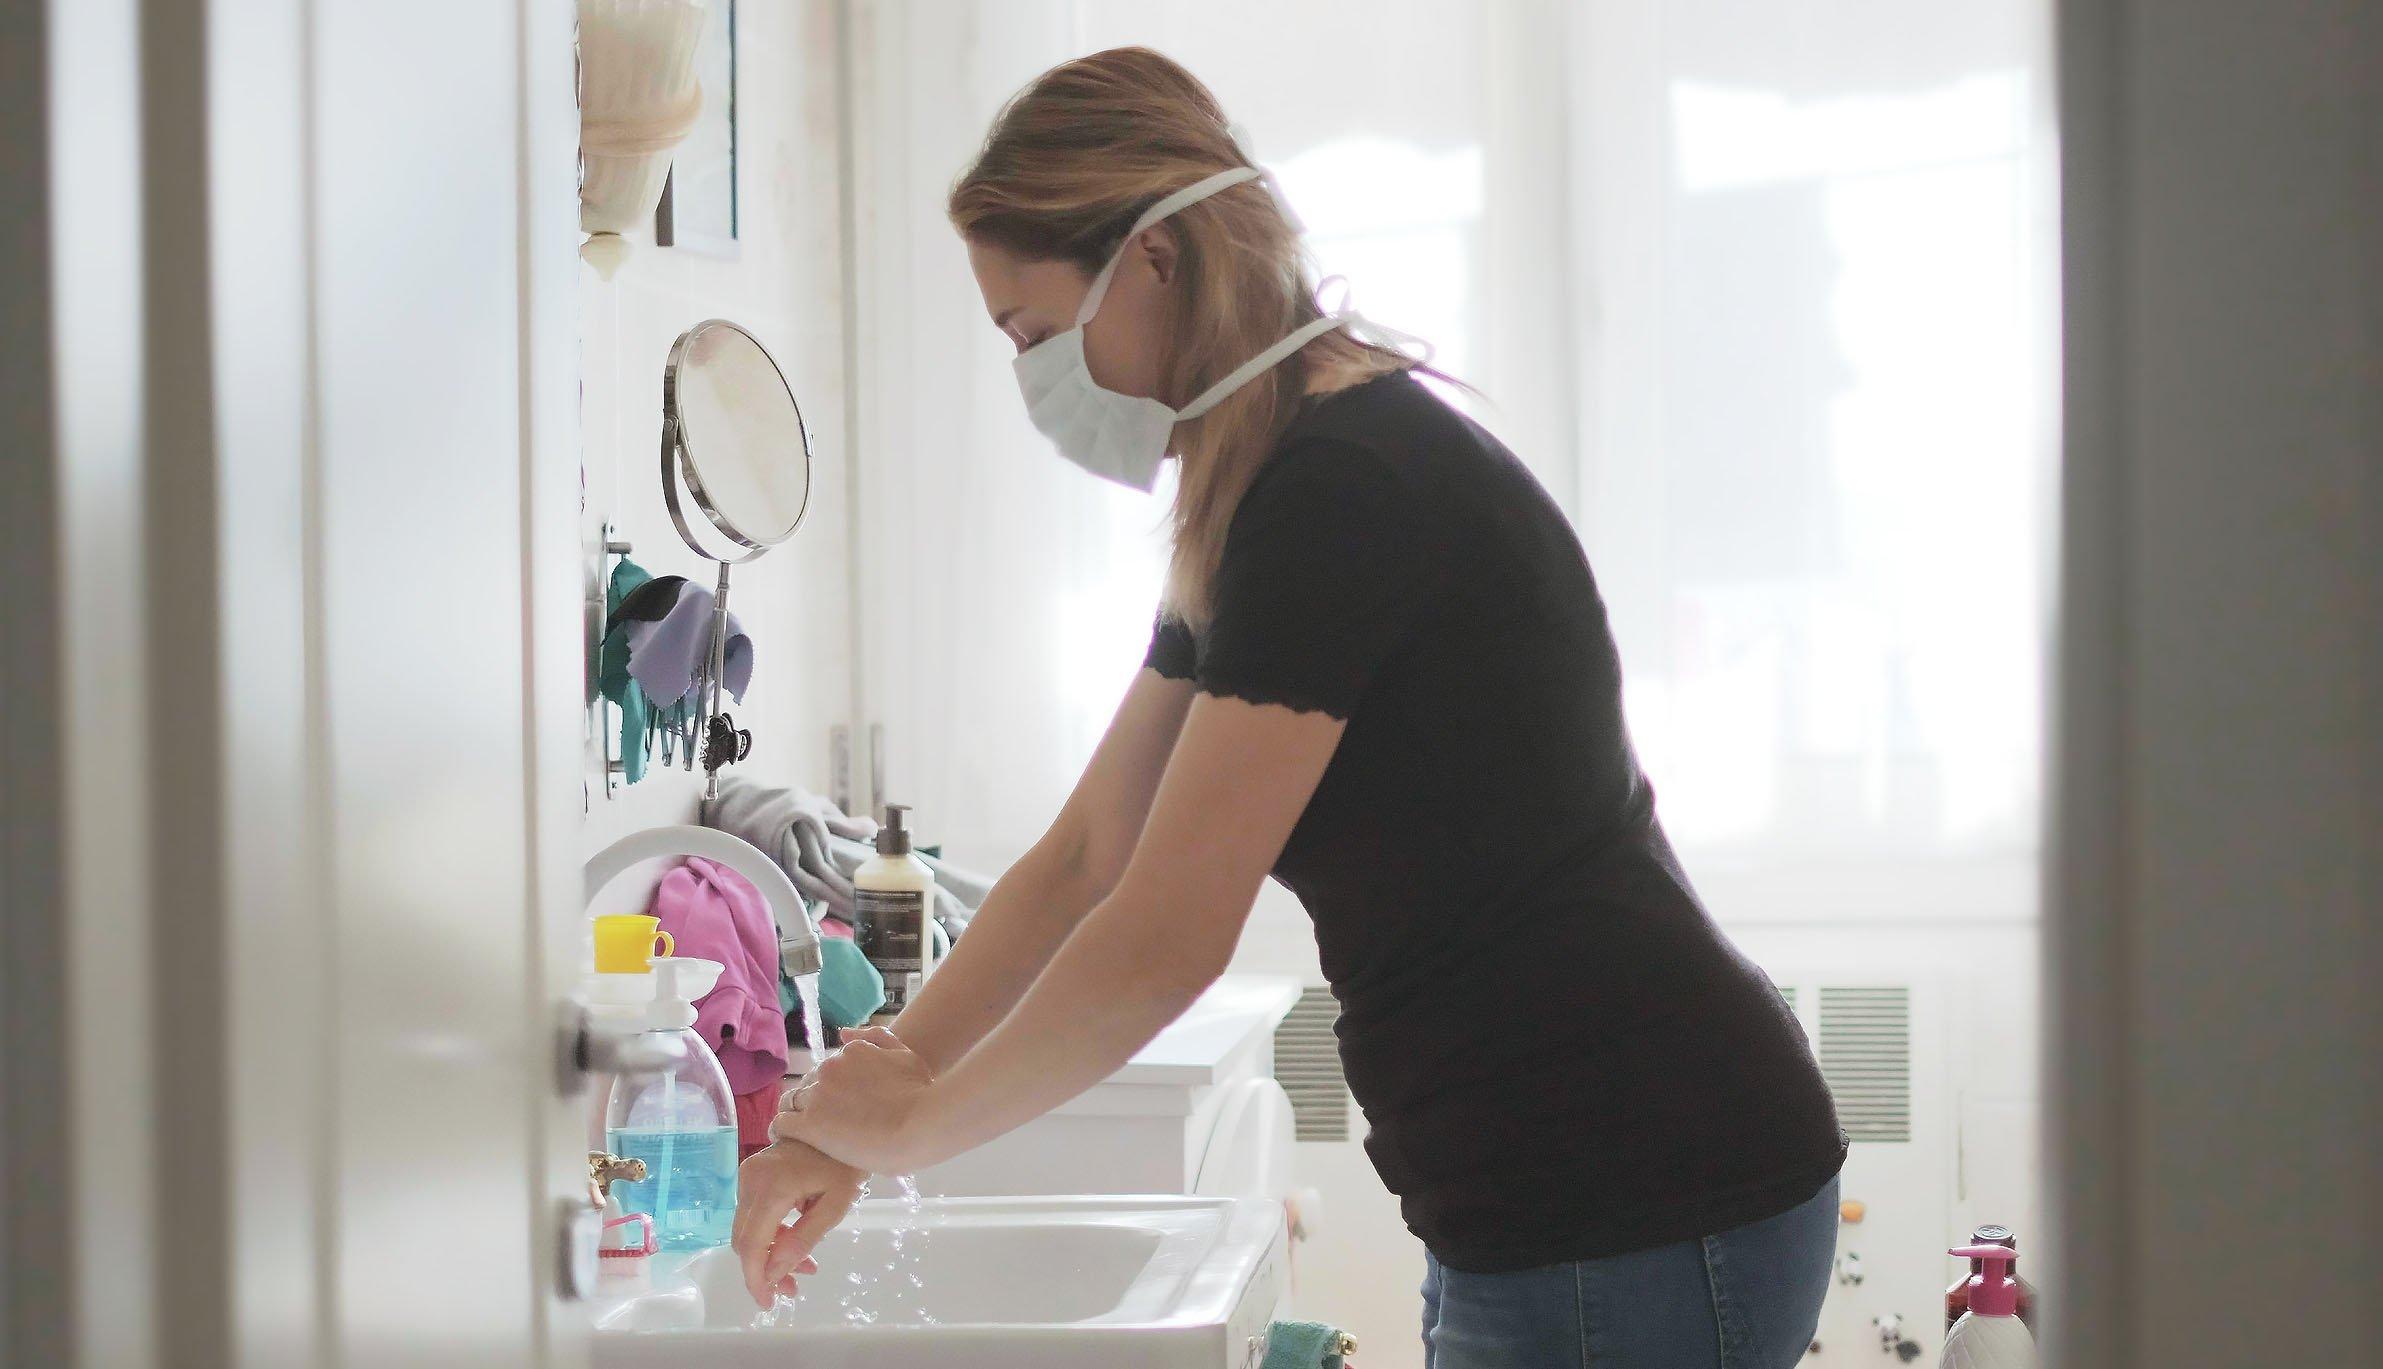 Una mujer, usando mascarilla, se lava las manos